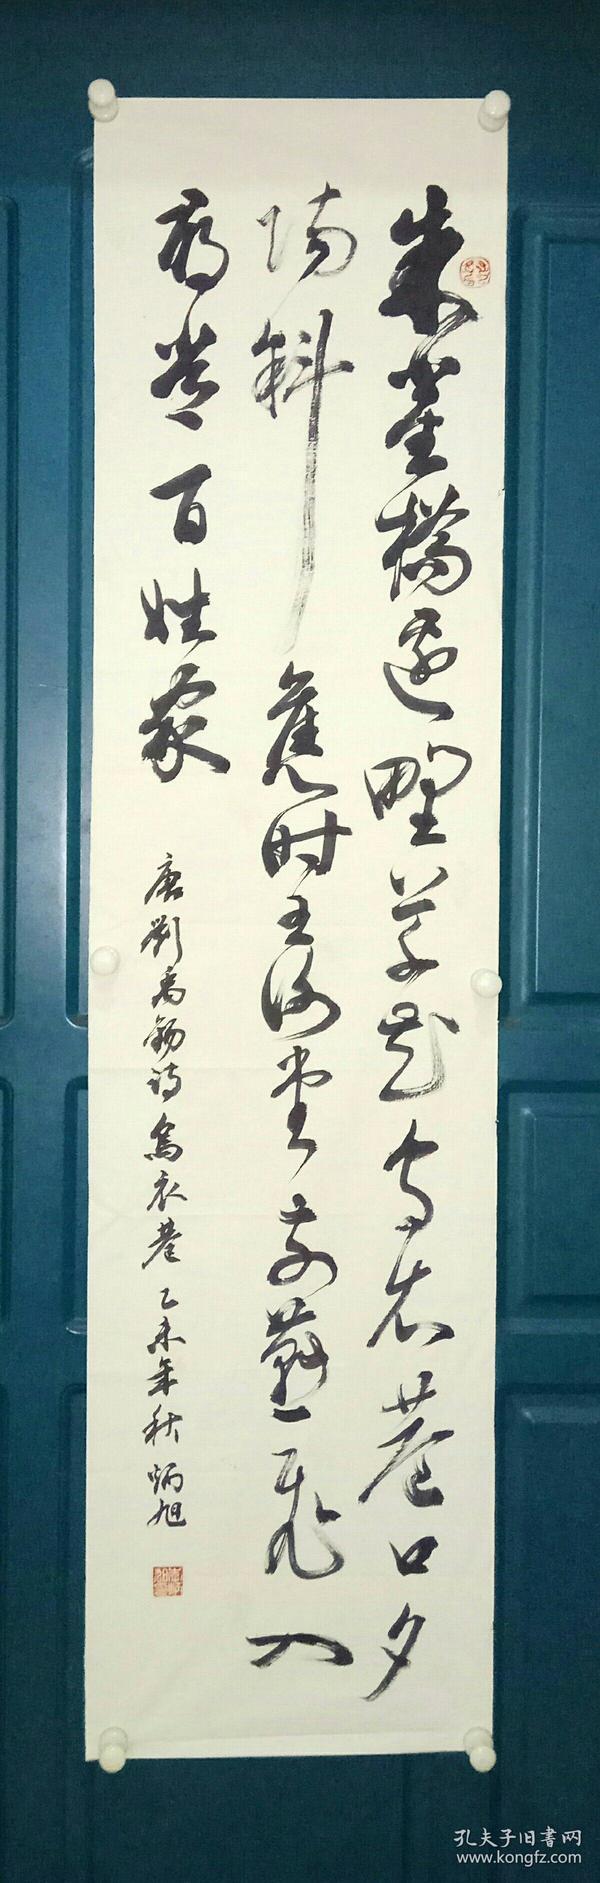 李炳旭草书书法